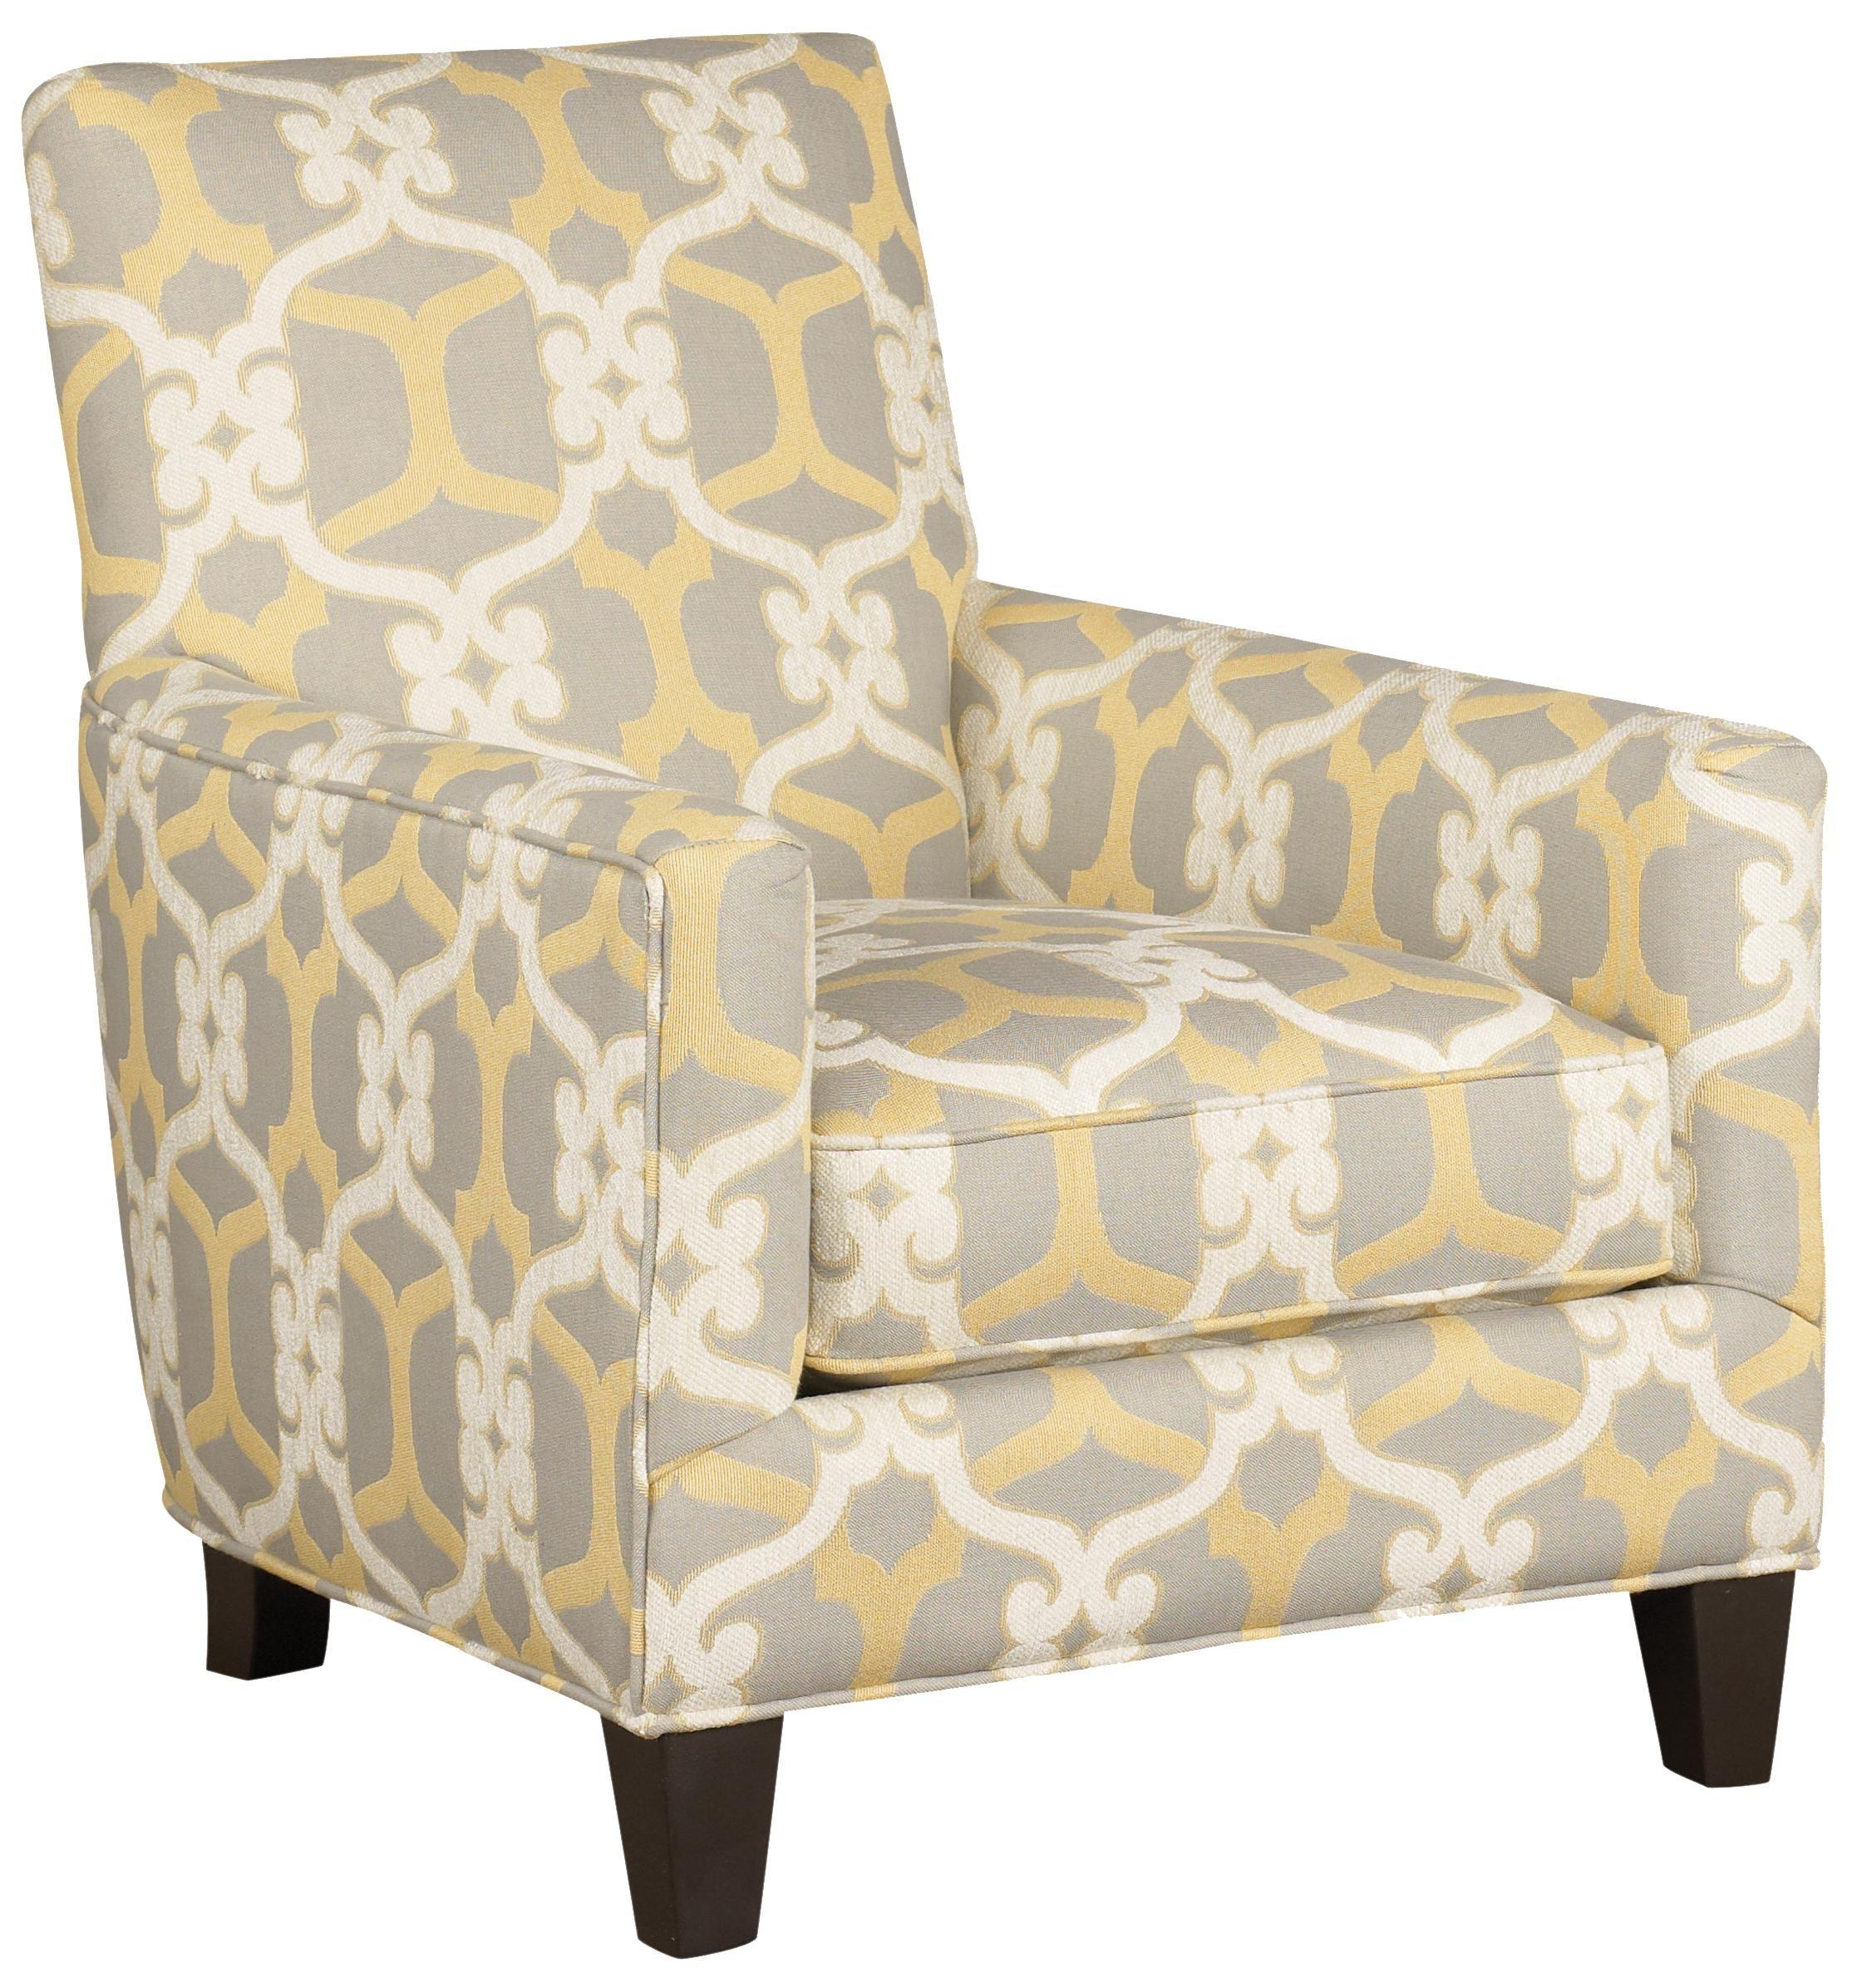 Jonathan Louis Jaxon Accent Chair: Accentuates Accent Chair By Jonathan Louis